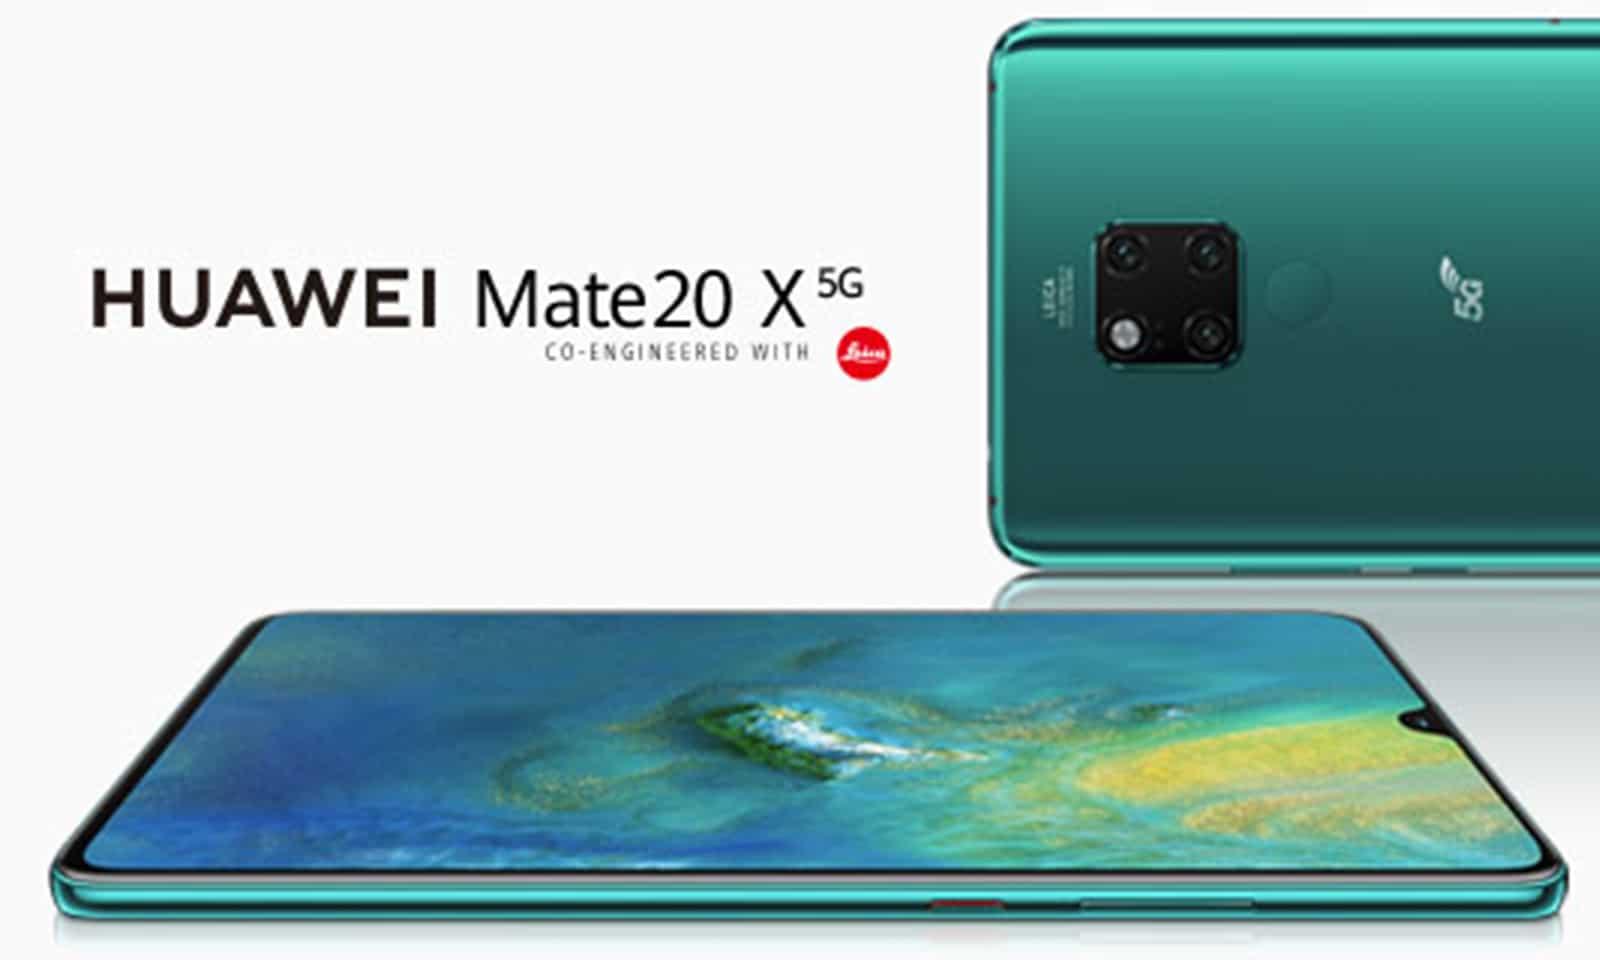 Huawei Mate 20 X 5G marque le début de l'ère de la 5G